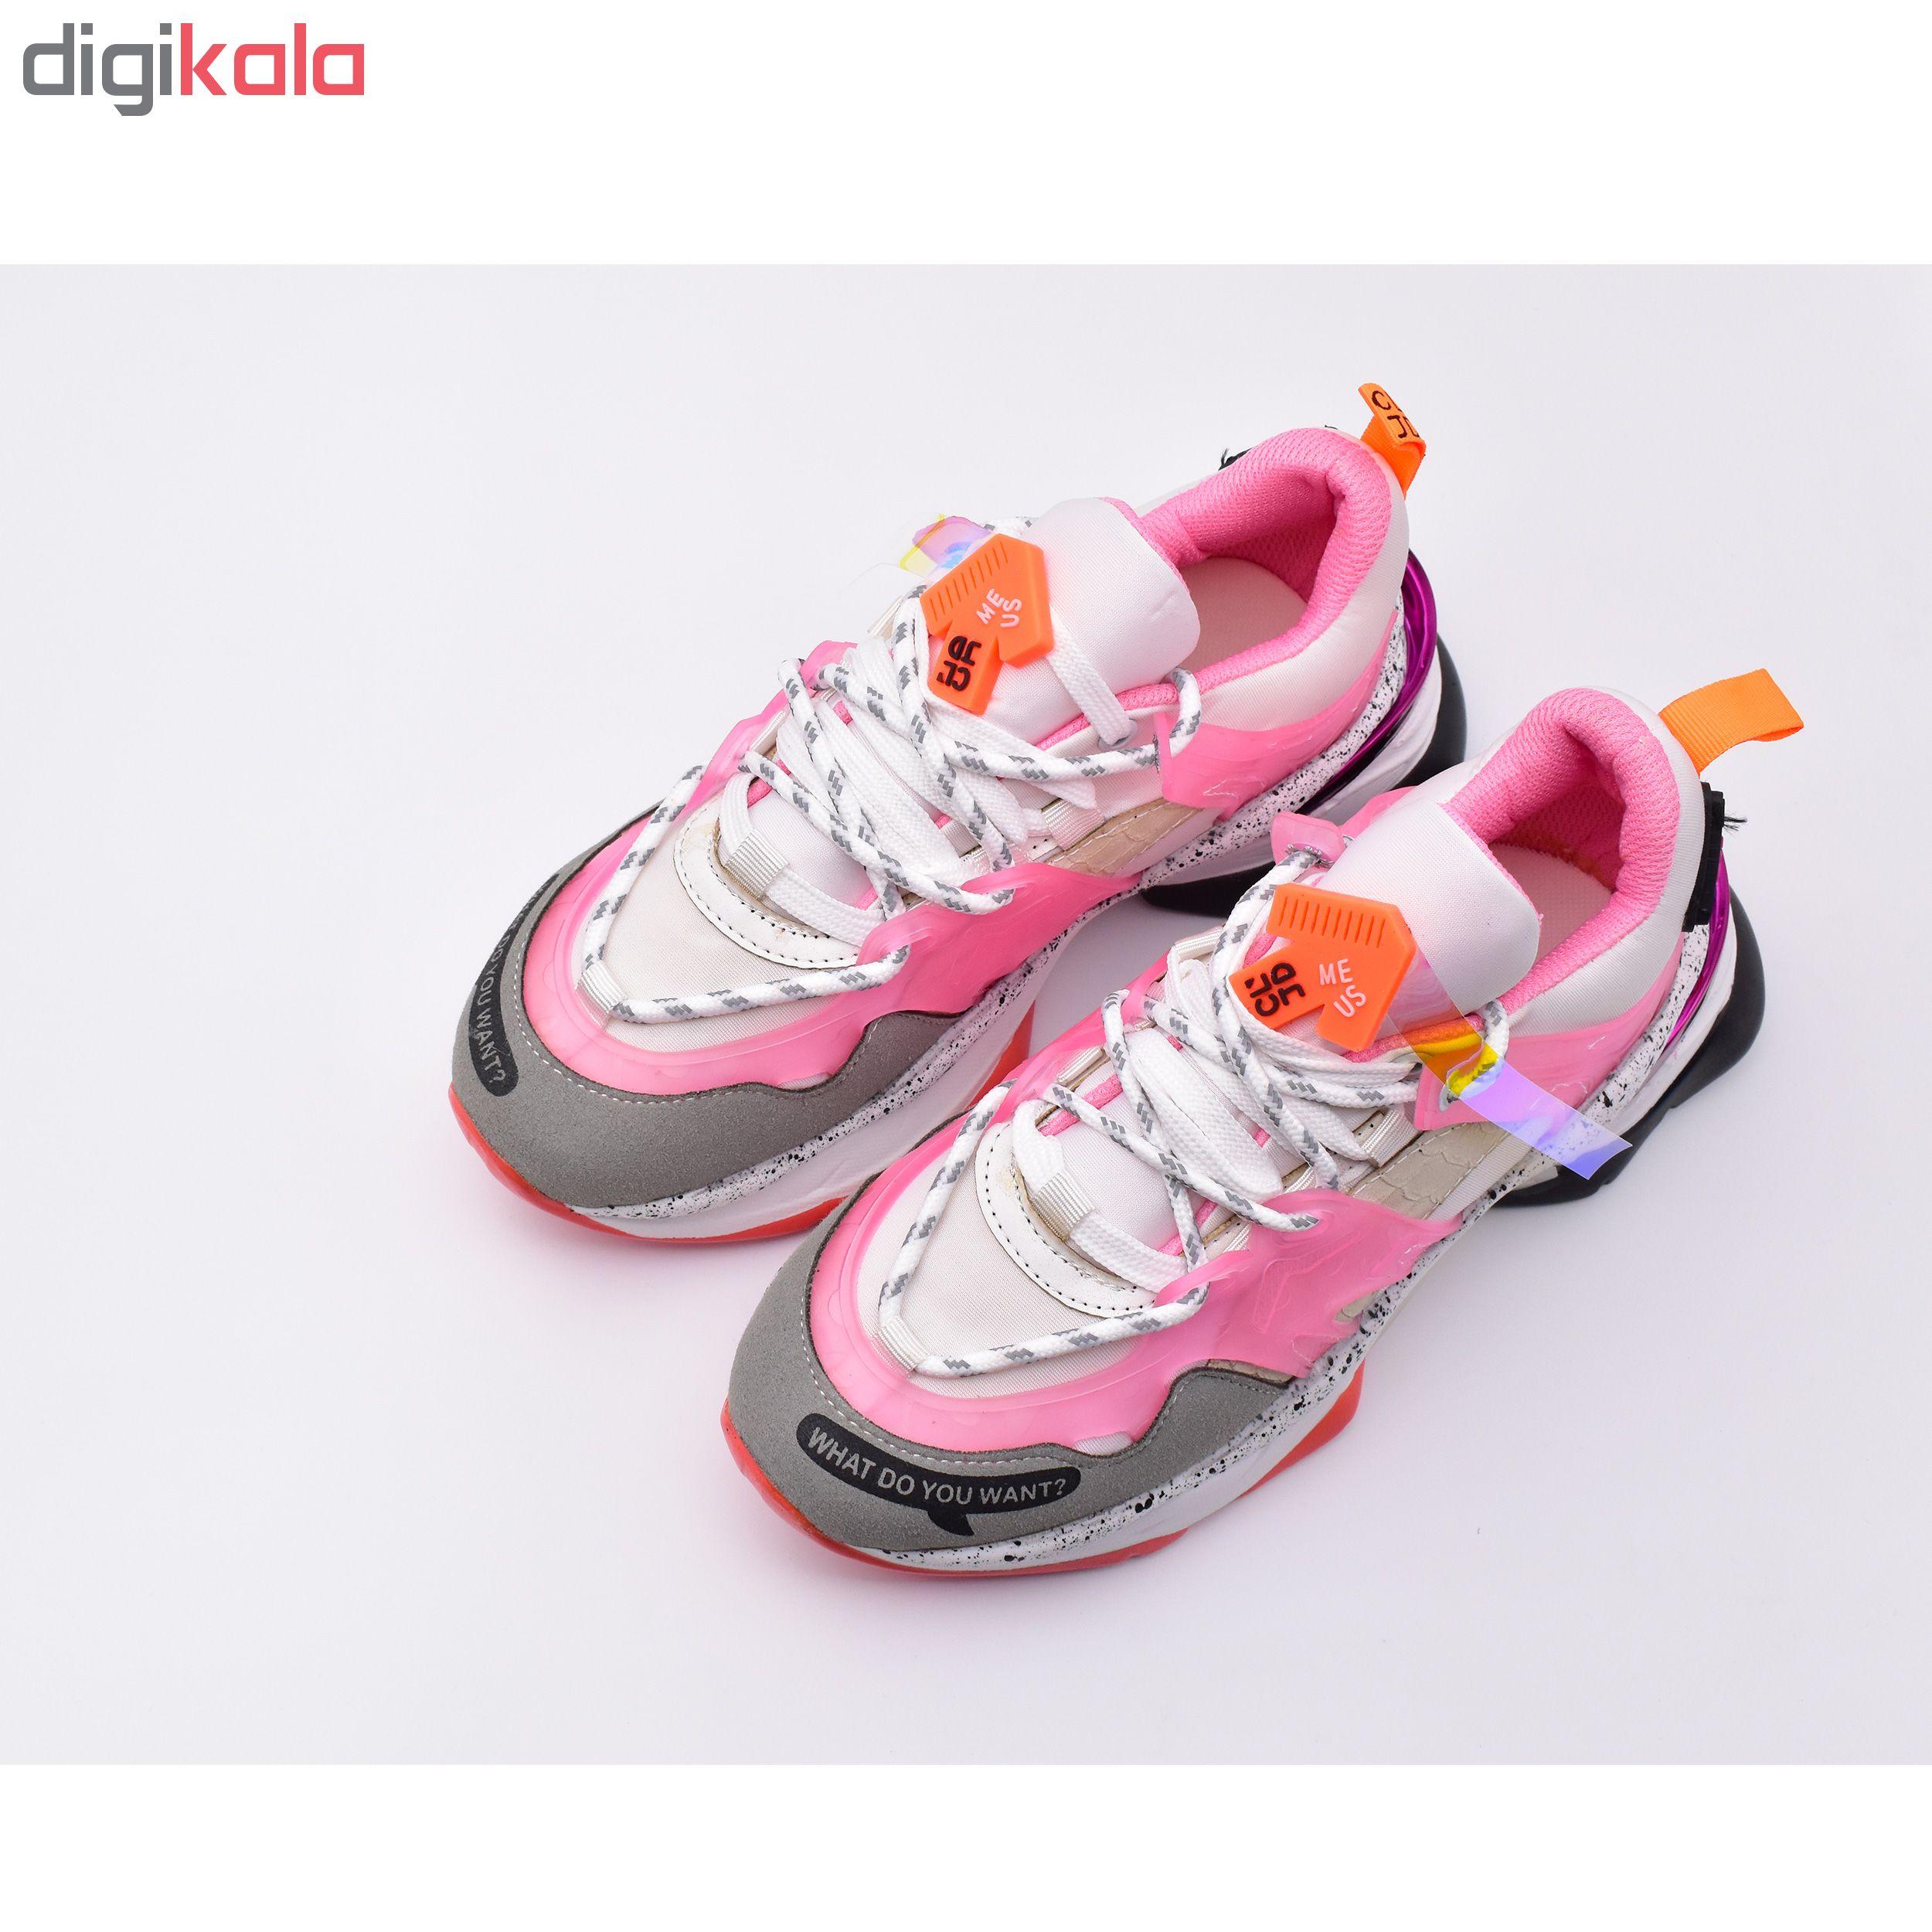 کفش مخصوص پیاده روی زنانه مدل برلی کد 5633